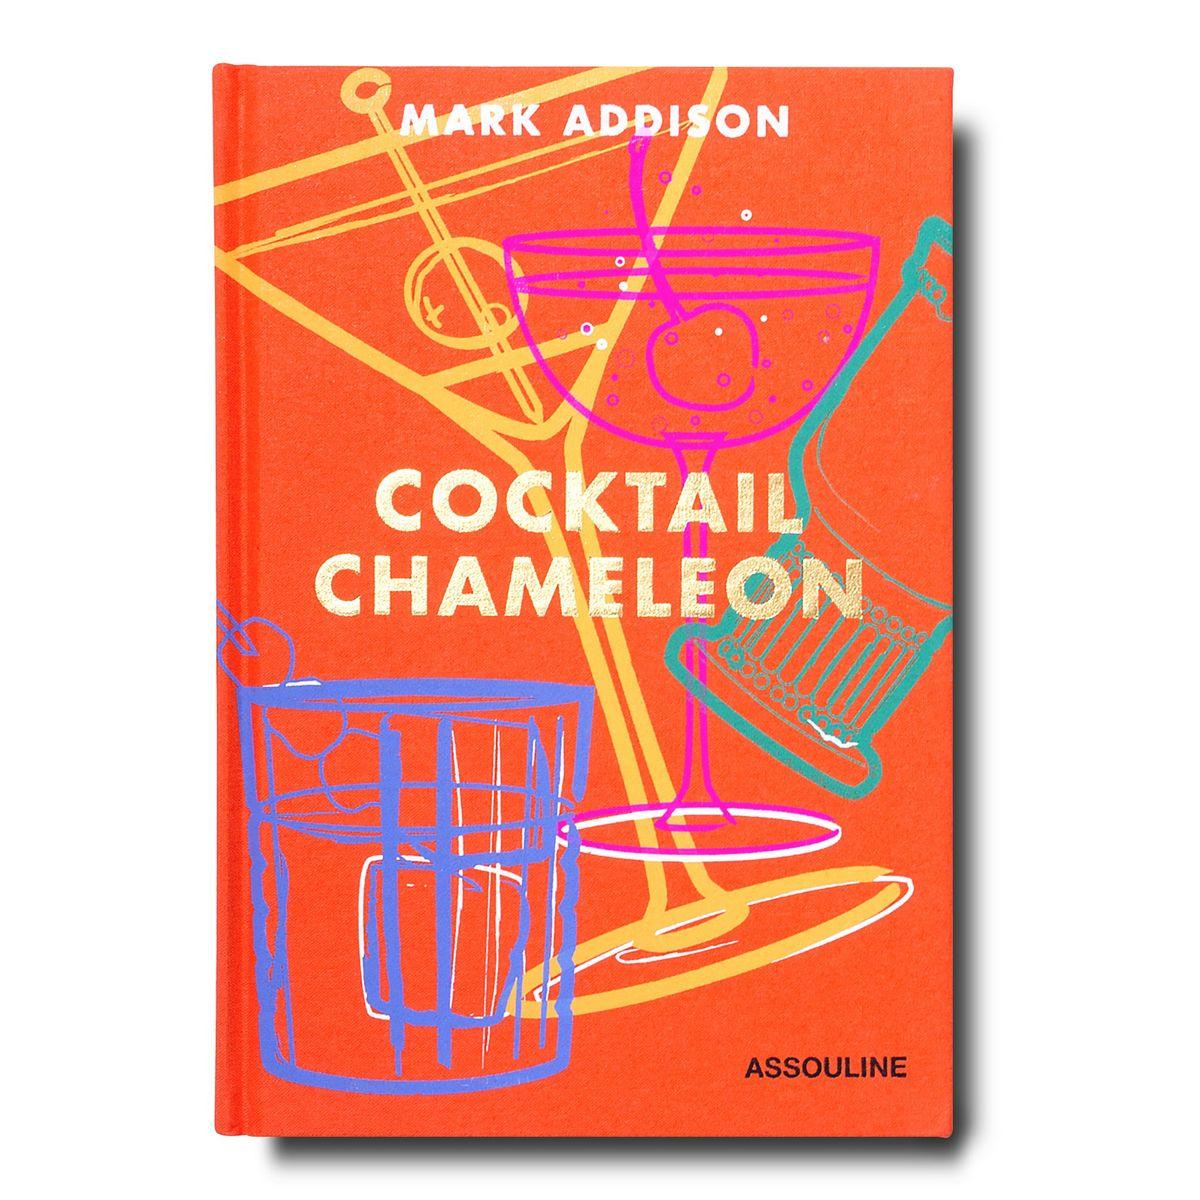 Cocktail Chameleon